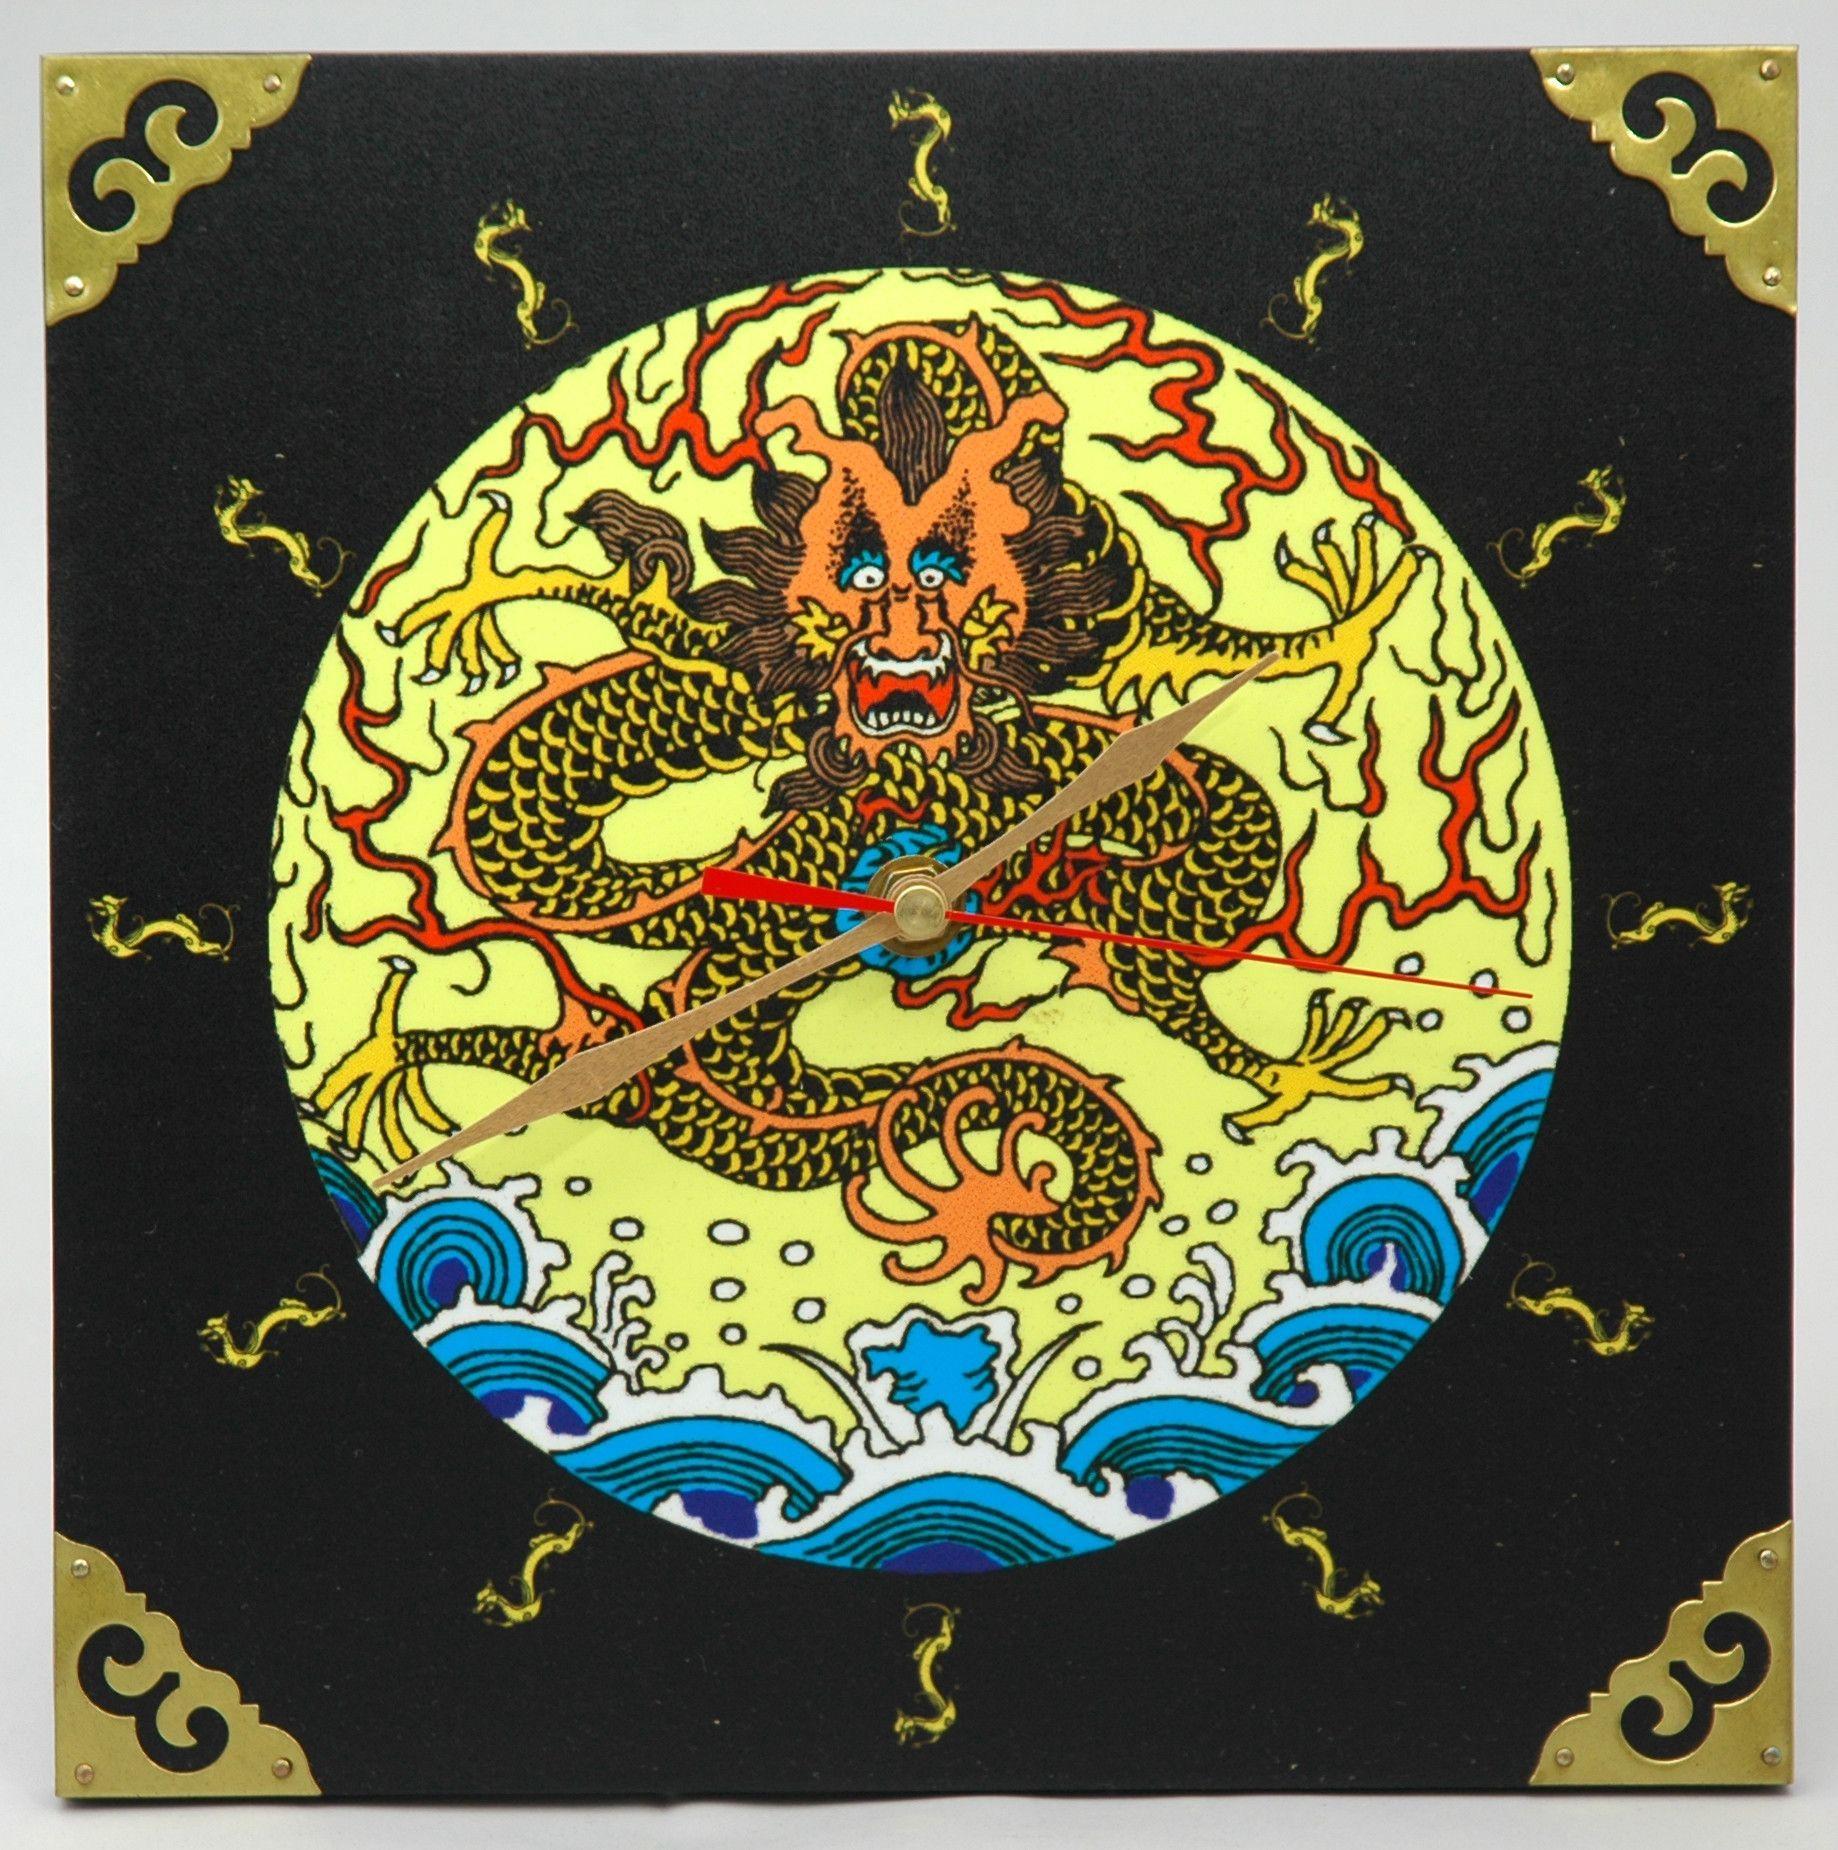 Dynasty Sea Dragon Wall Clock | Products | Pinterest | Sea dragon ...